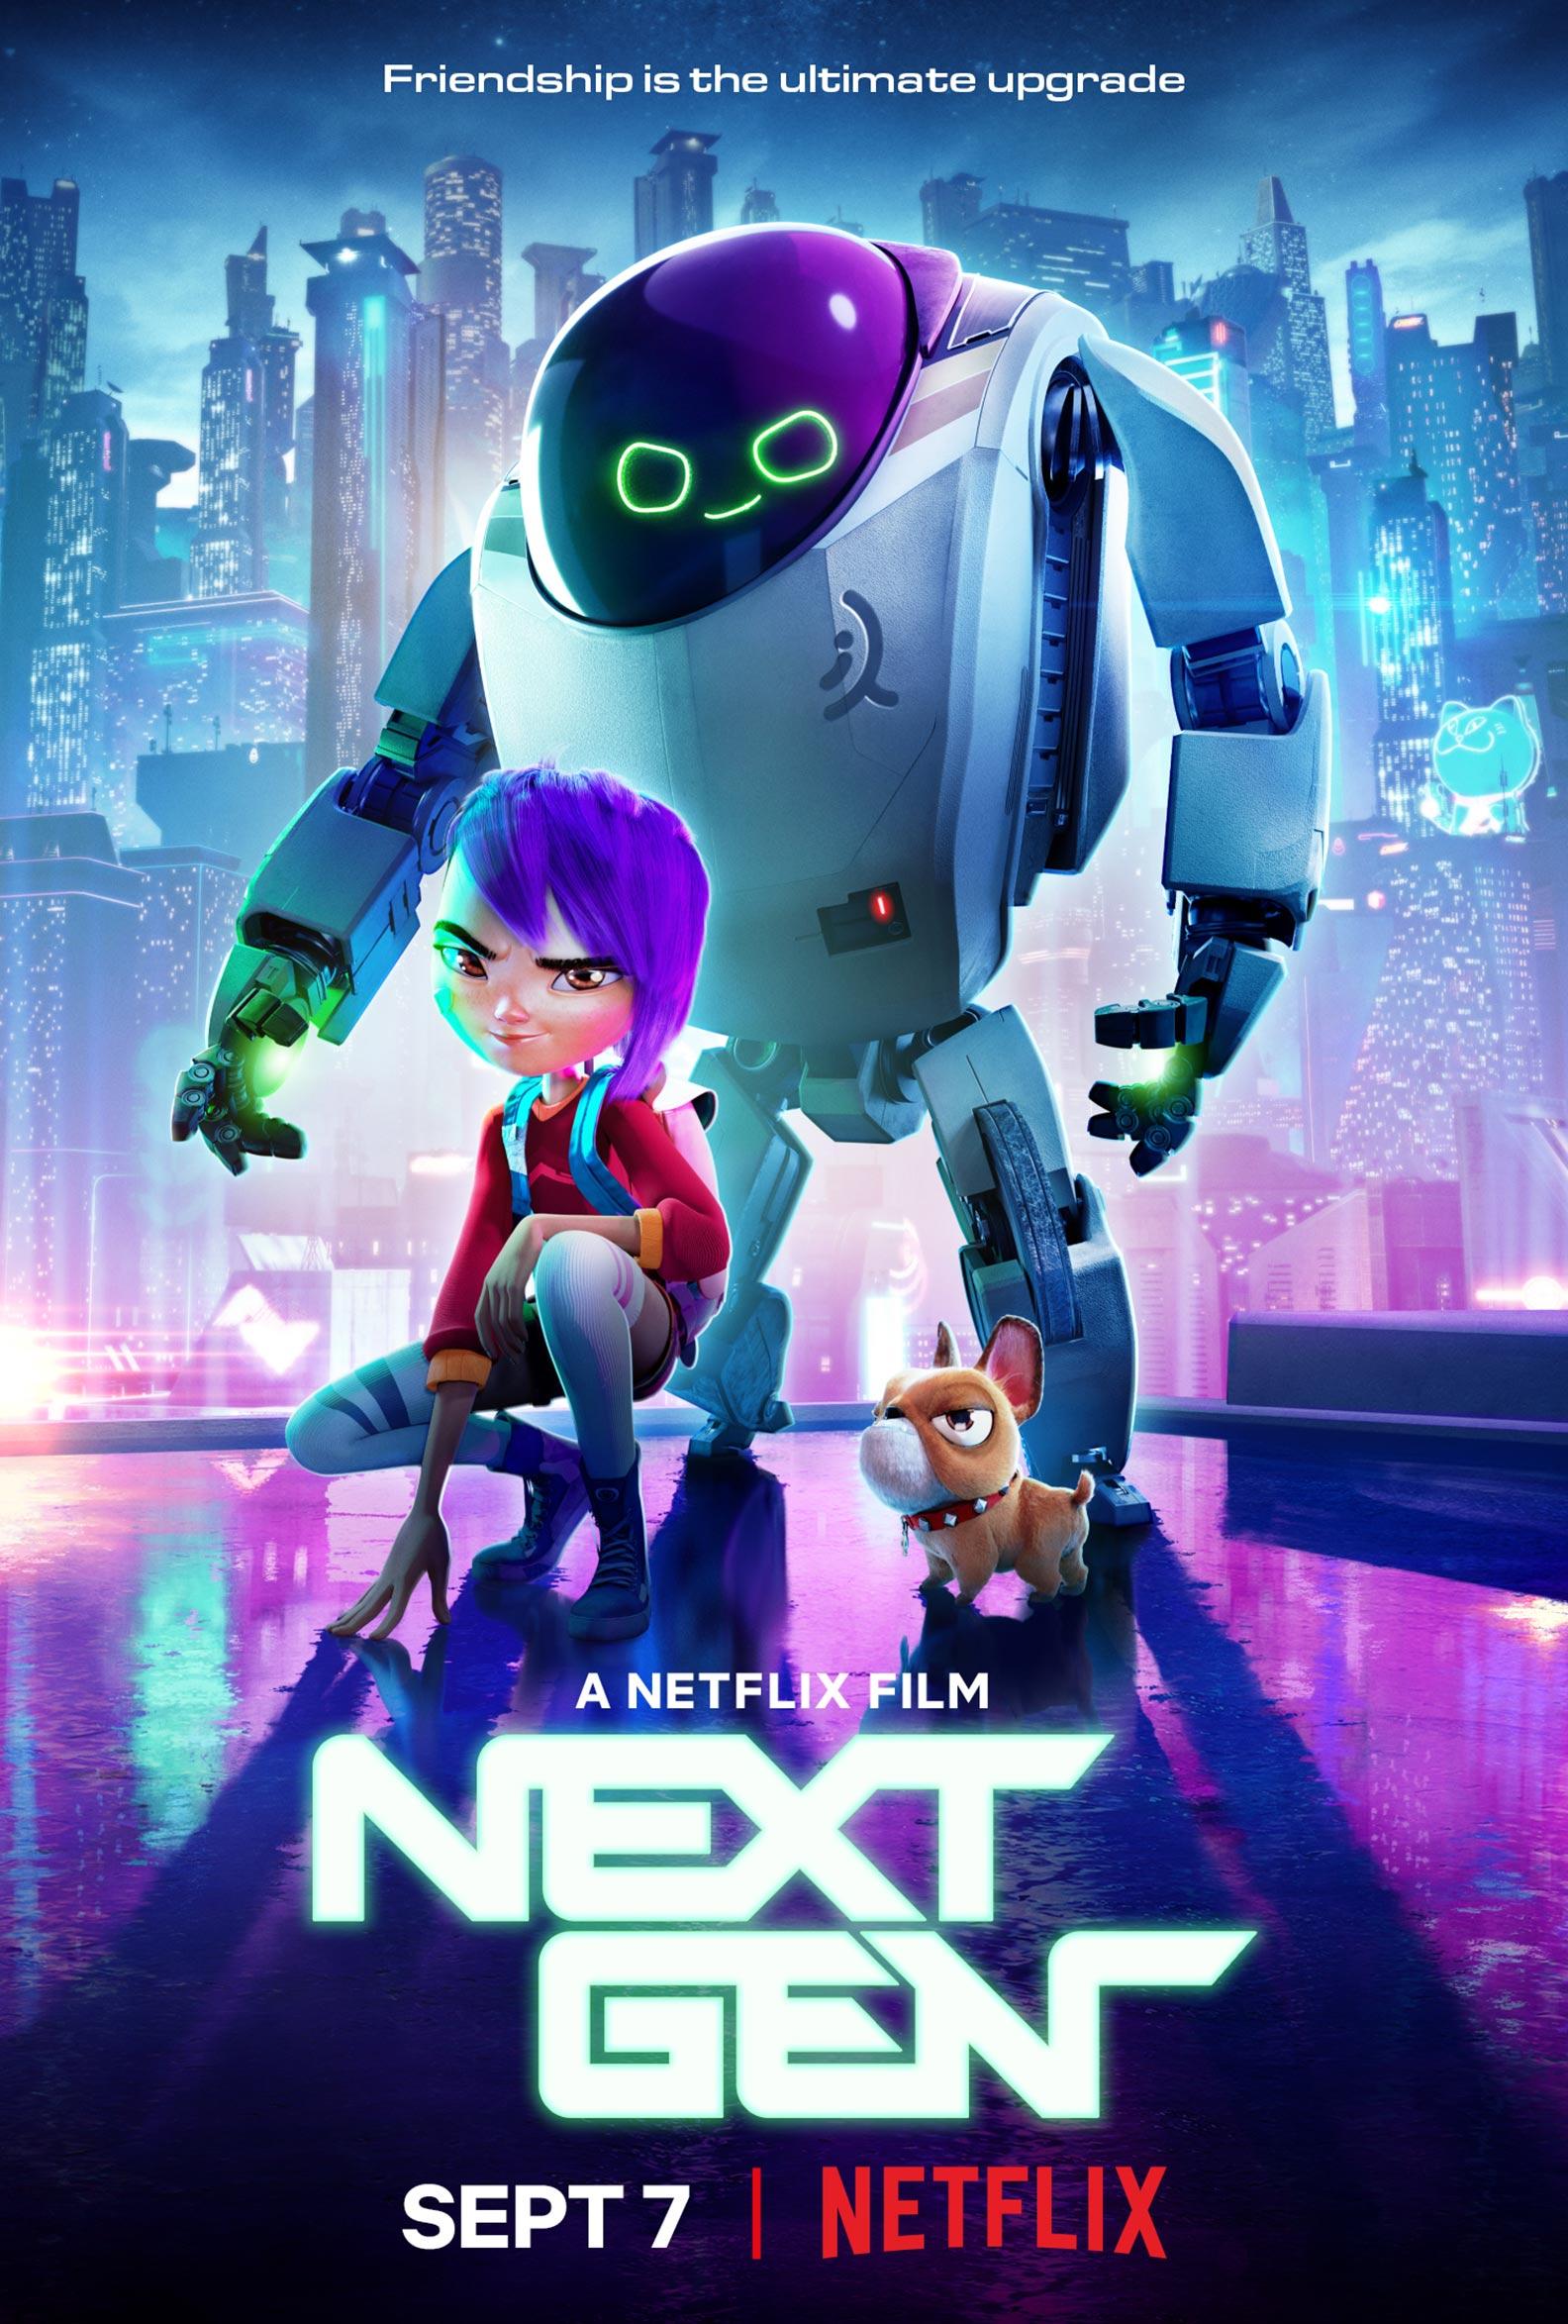 Next Gen 2018 Poster 1  Trailer Addict